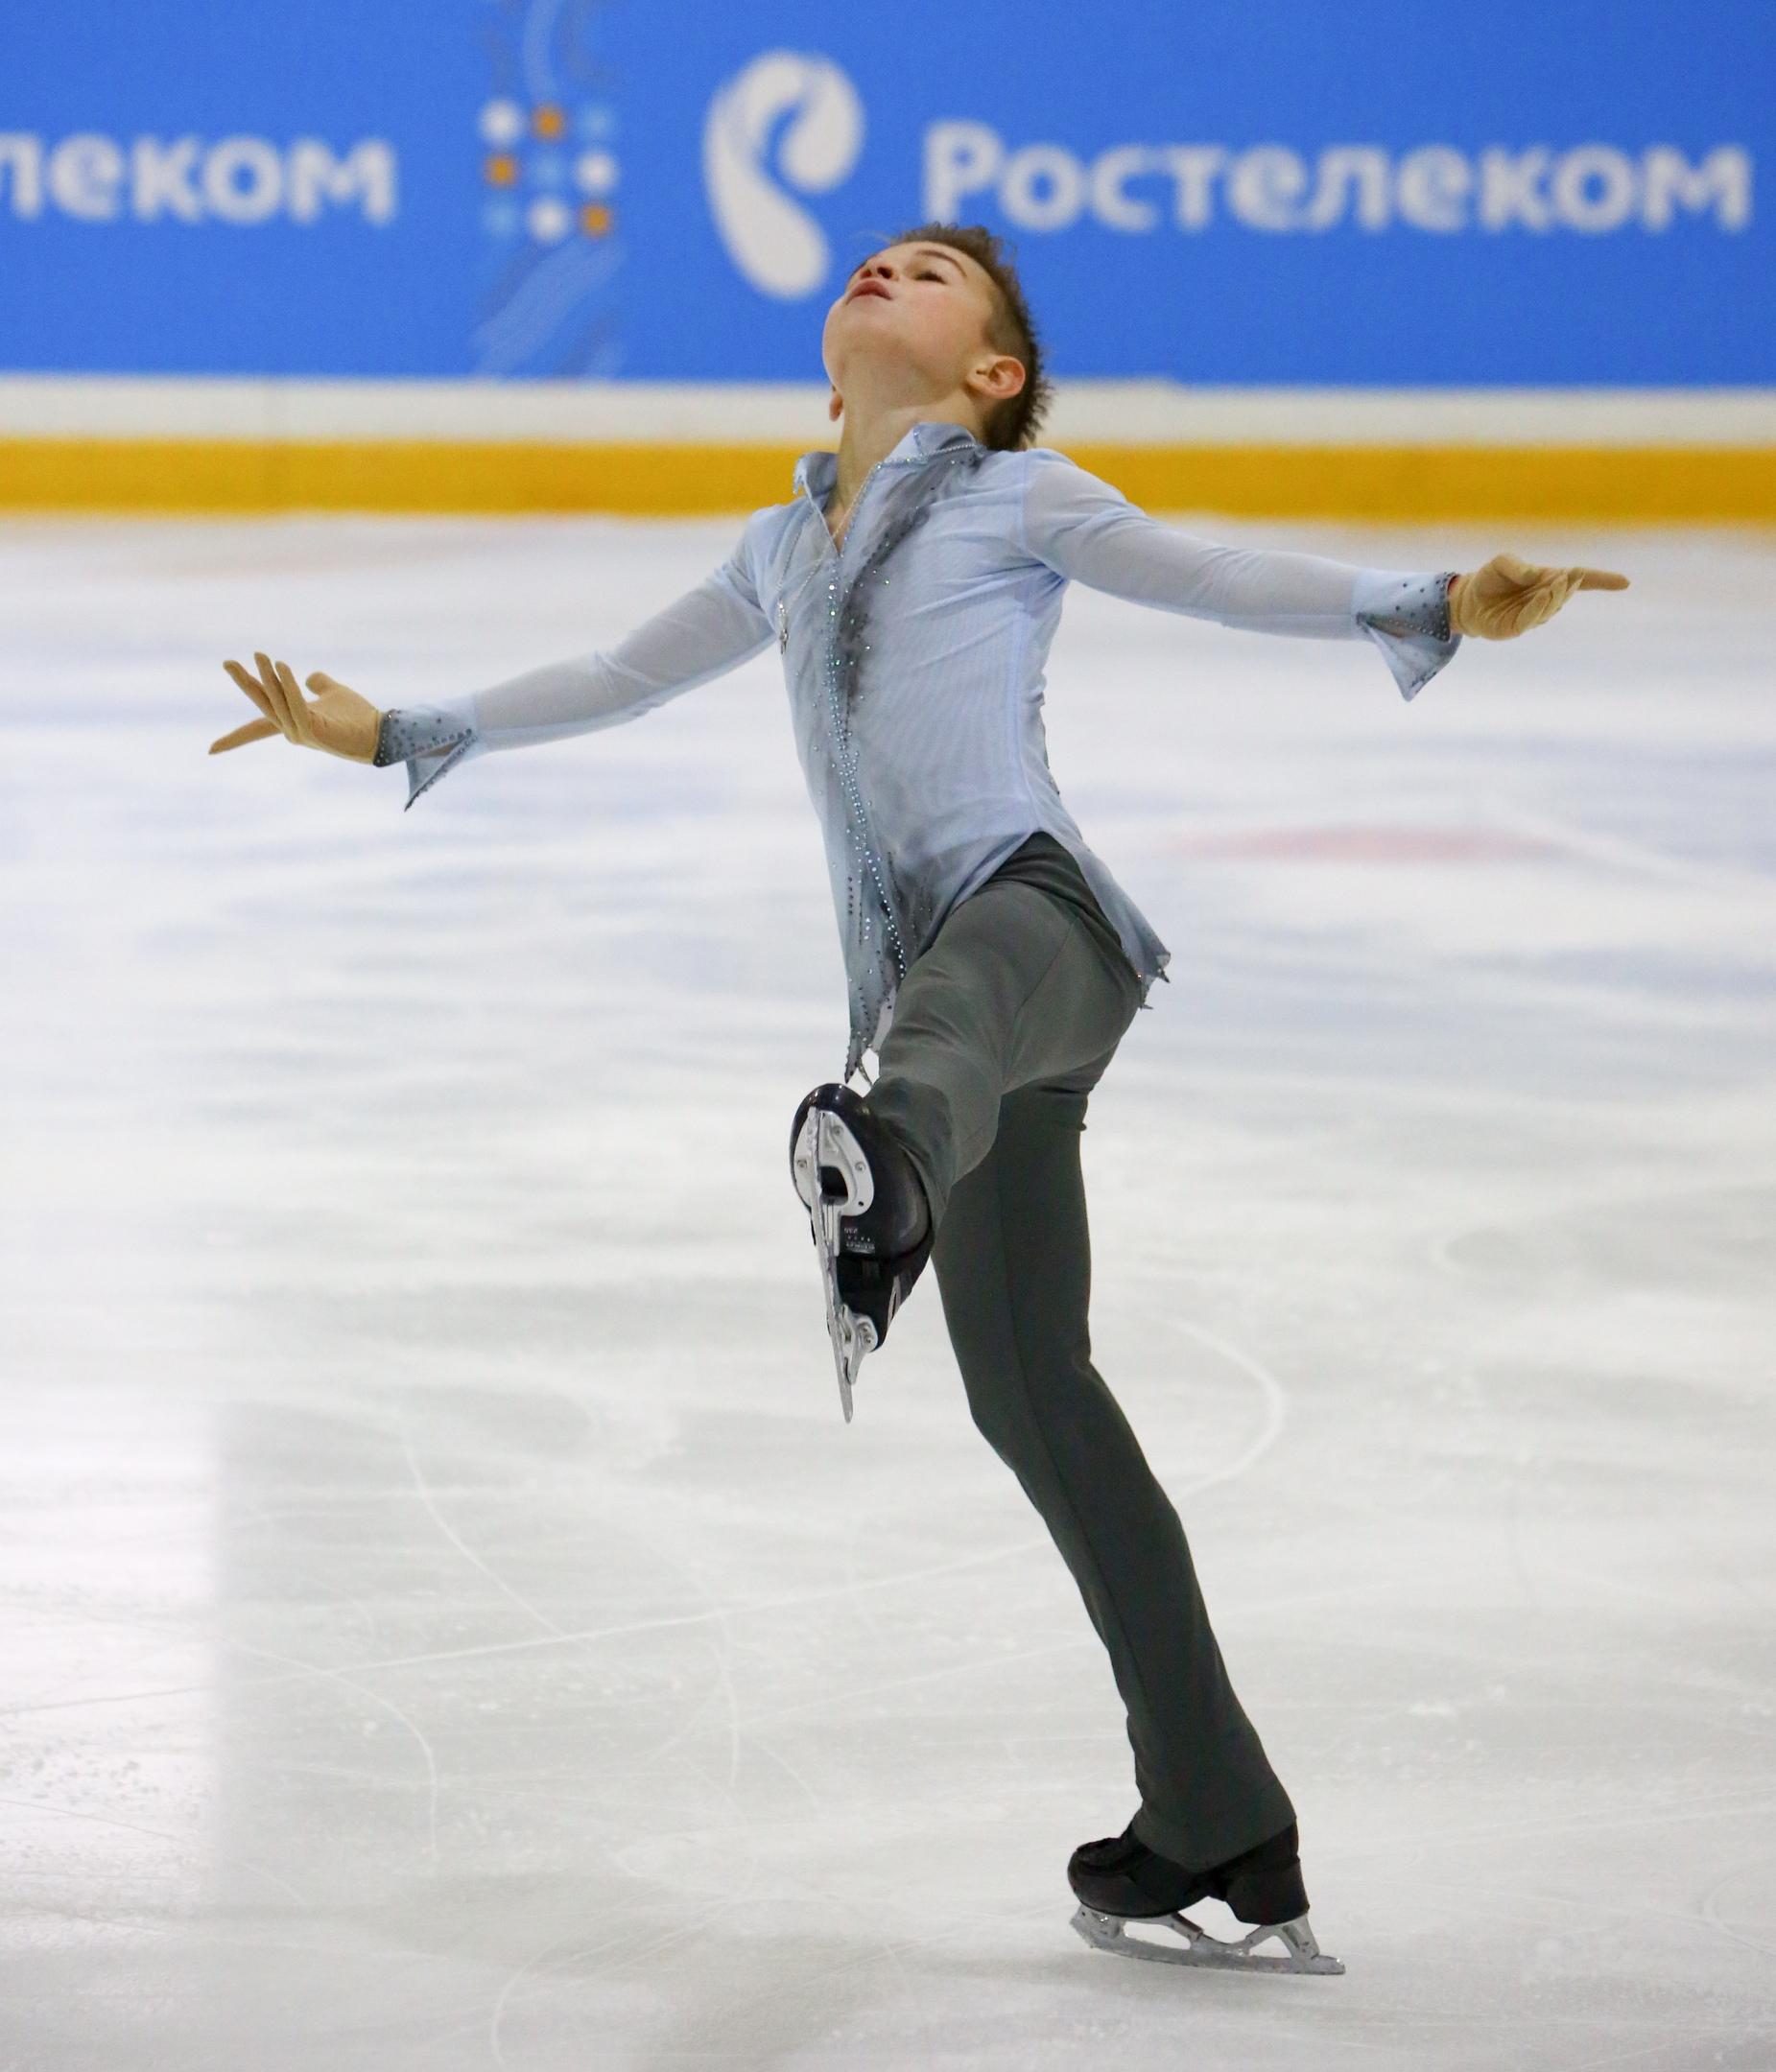 Российские соревнования сезона 2018-2019 (общая) 0ycwQEwINA8